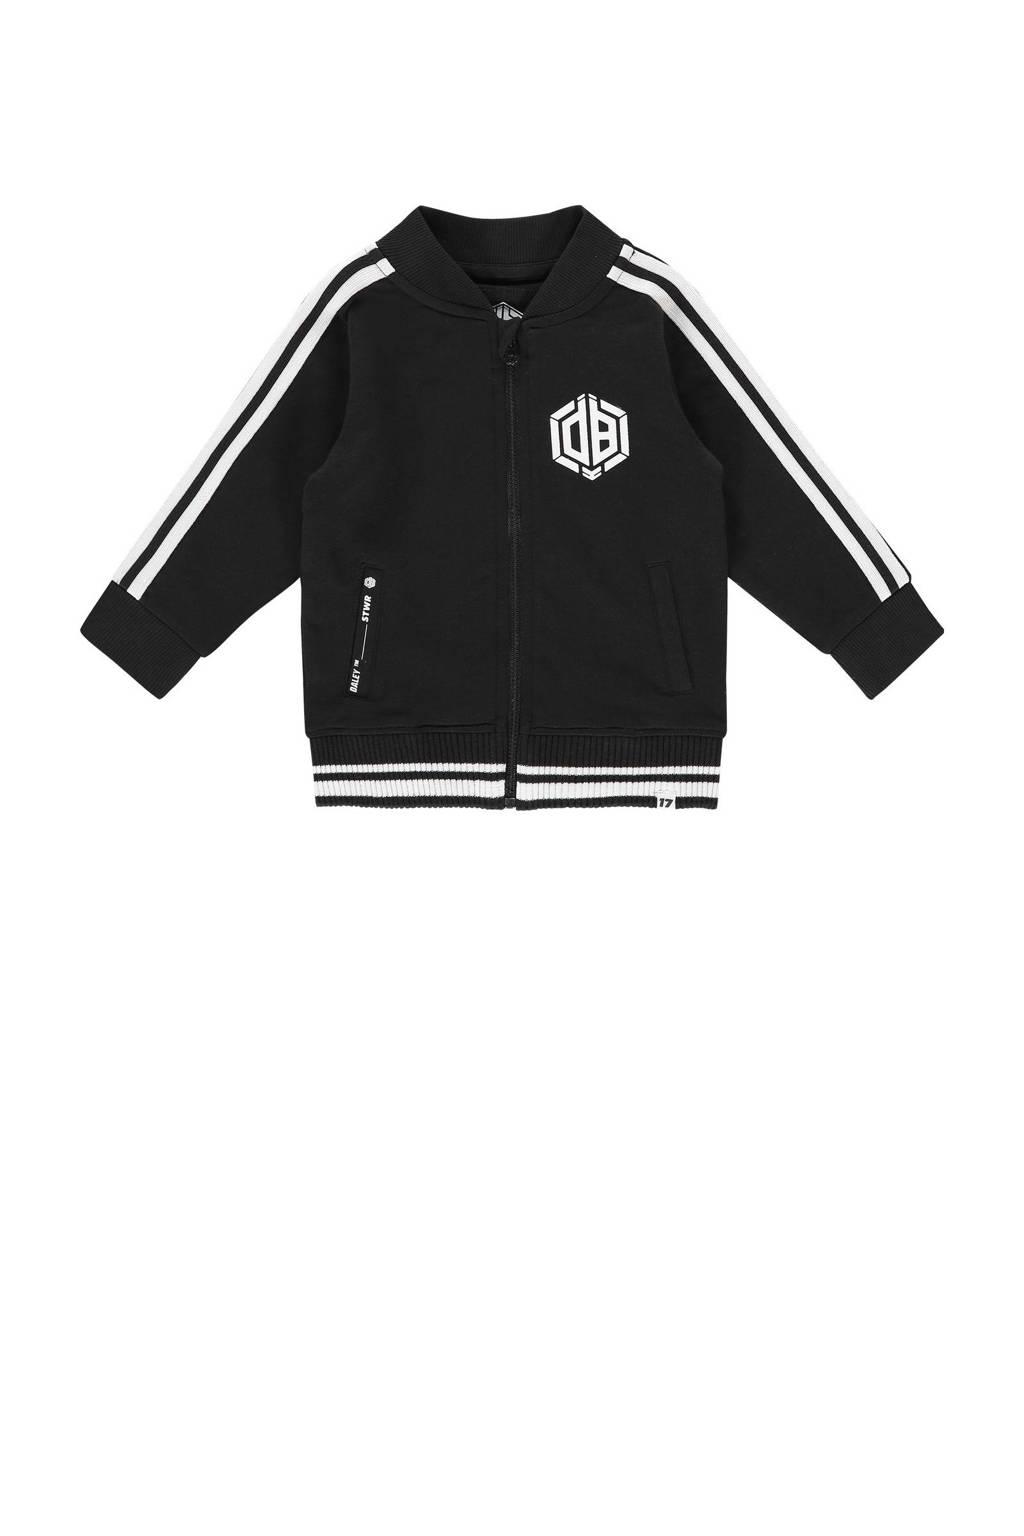 Vingino Daley Blind vest Onano mini met contrastbies zwart/wit, Zwart/wit